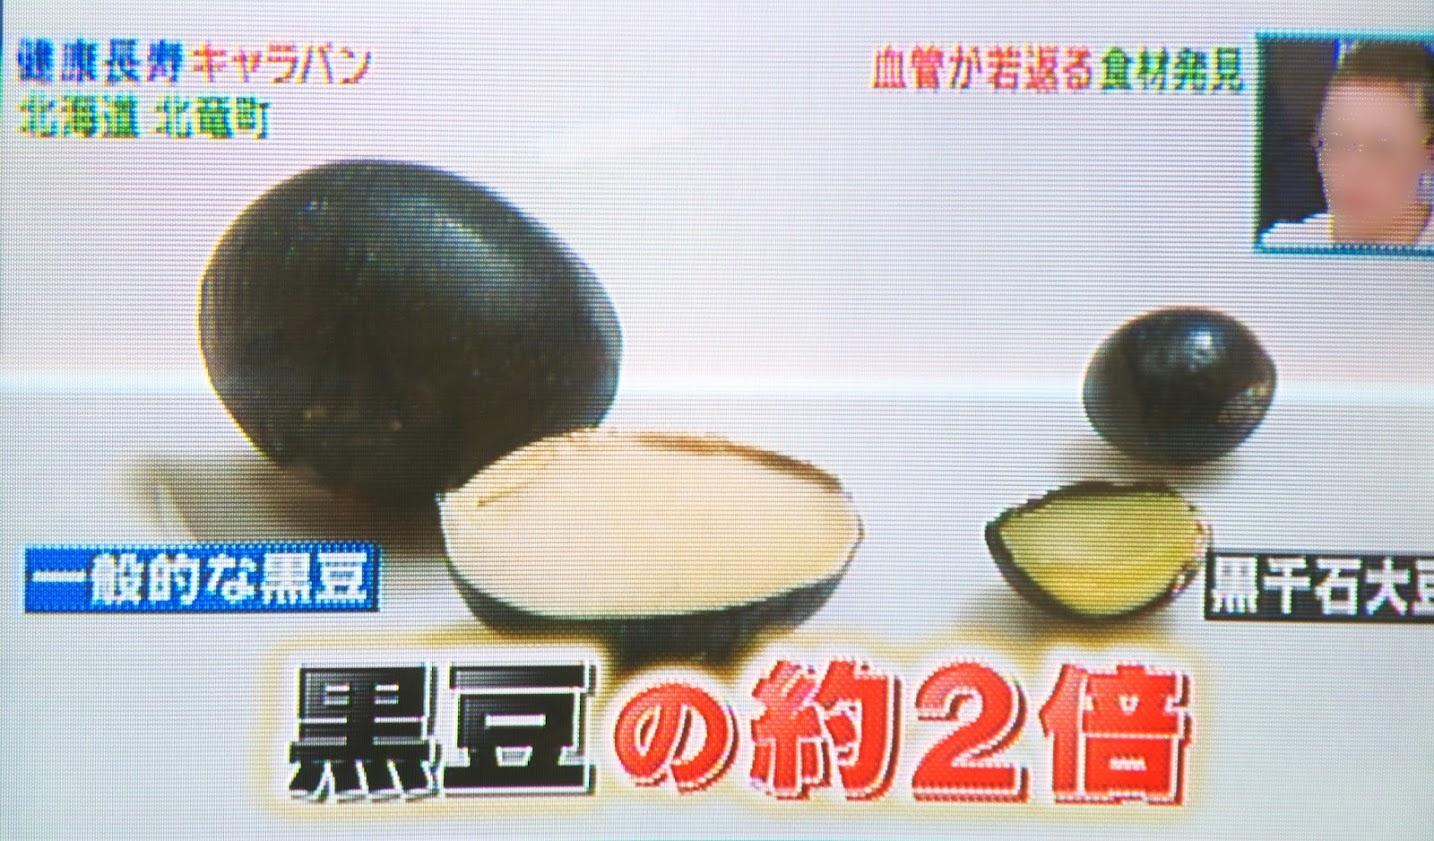 黒千石大豆に含まれるアントシアニンは、一般的な黒豆の約2倍